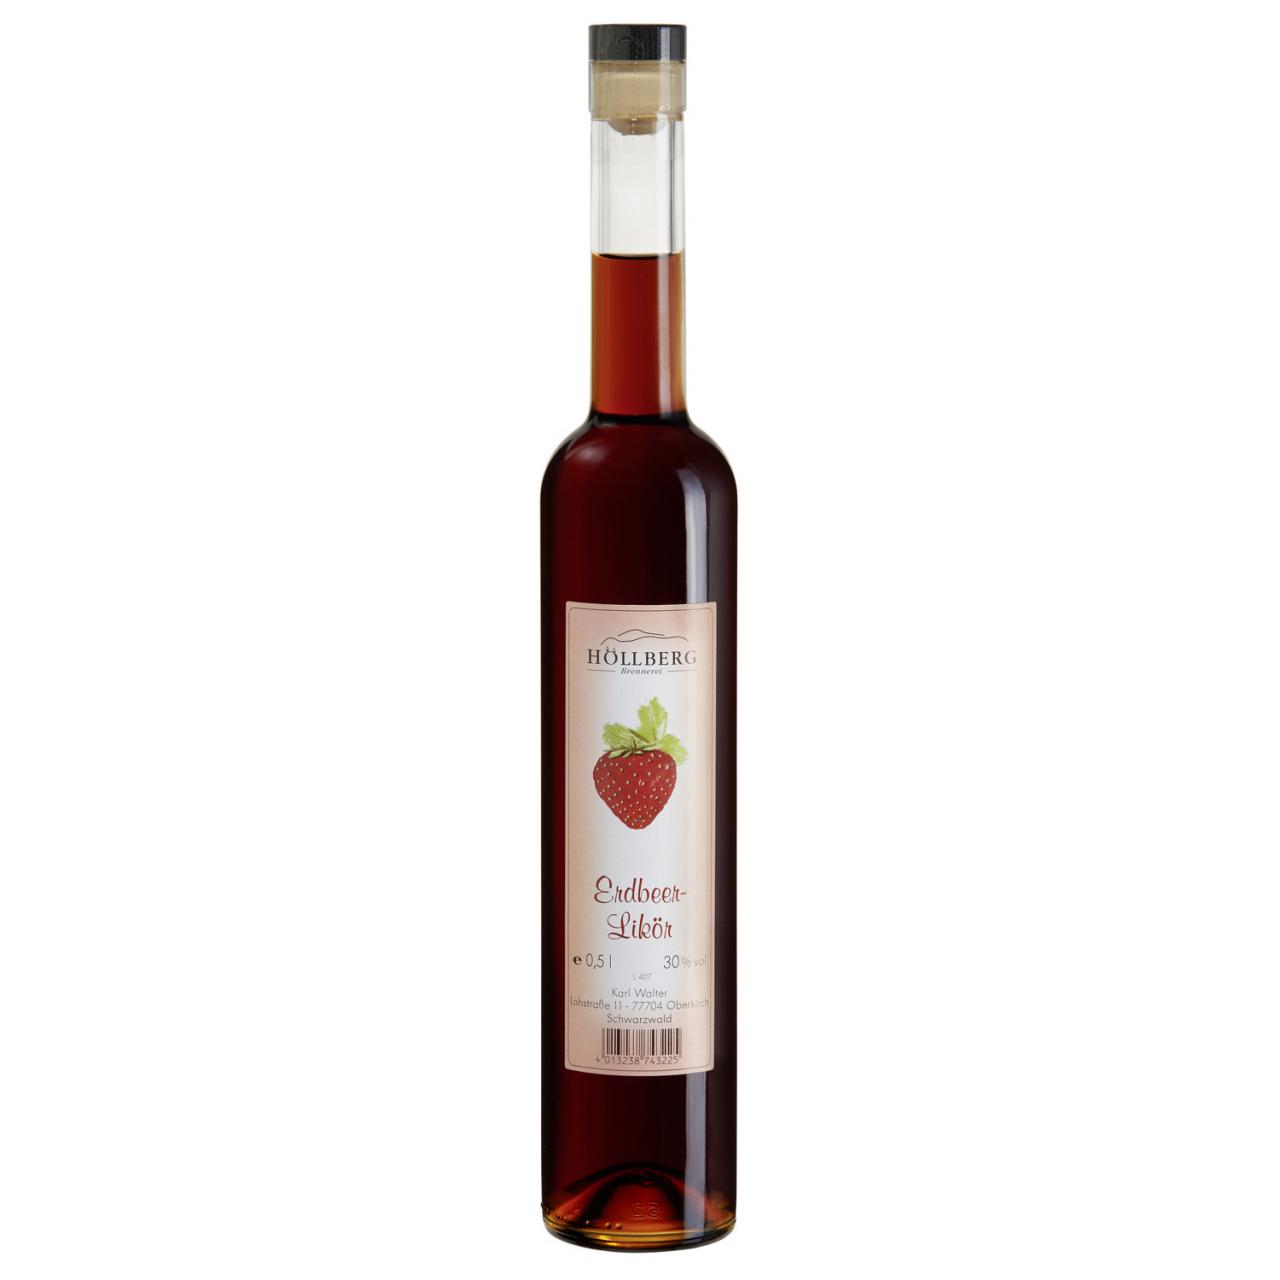 0,5 Liter Glasflasche Hoellberg Erdbeerlikör